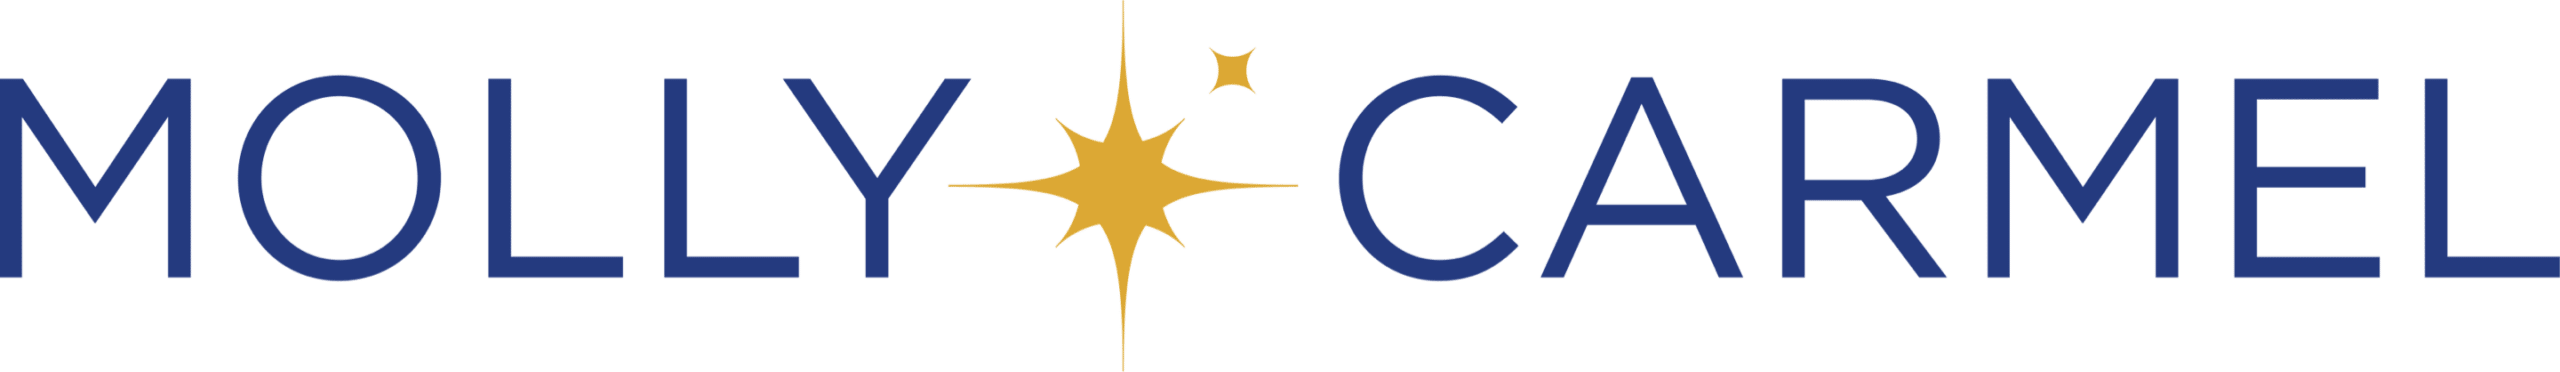 Molly_Carmel_Logo